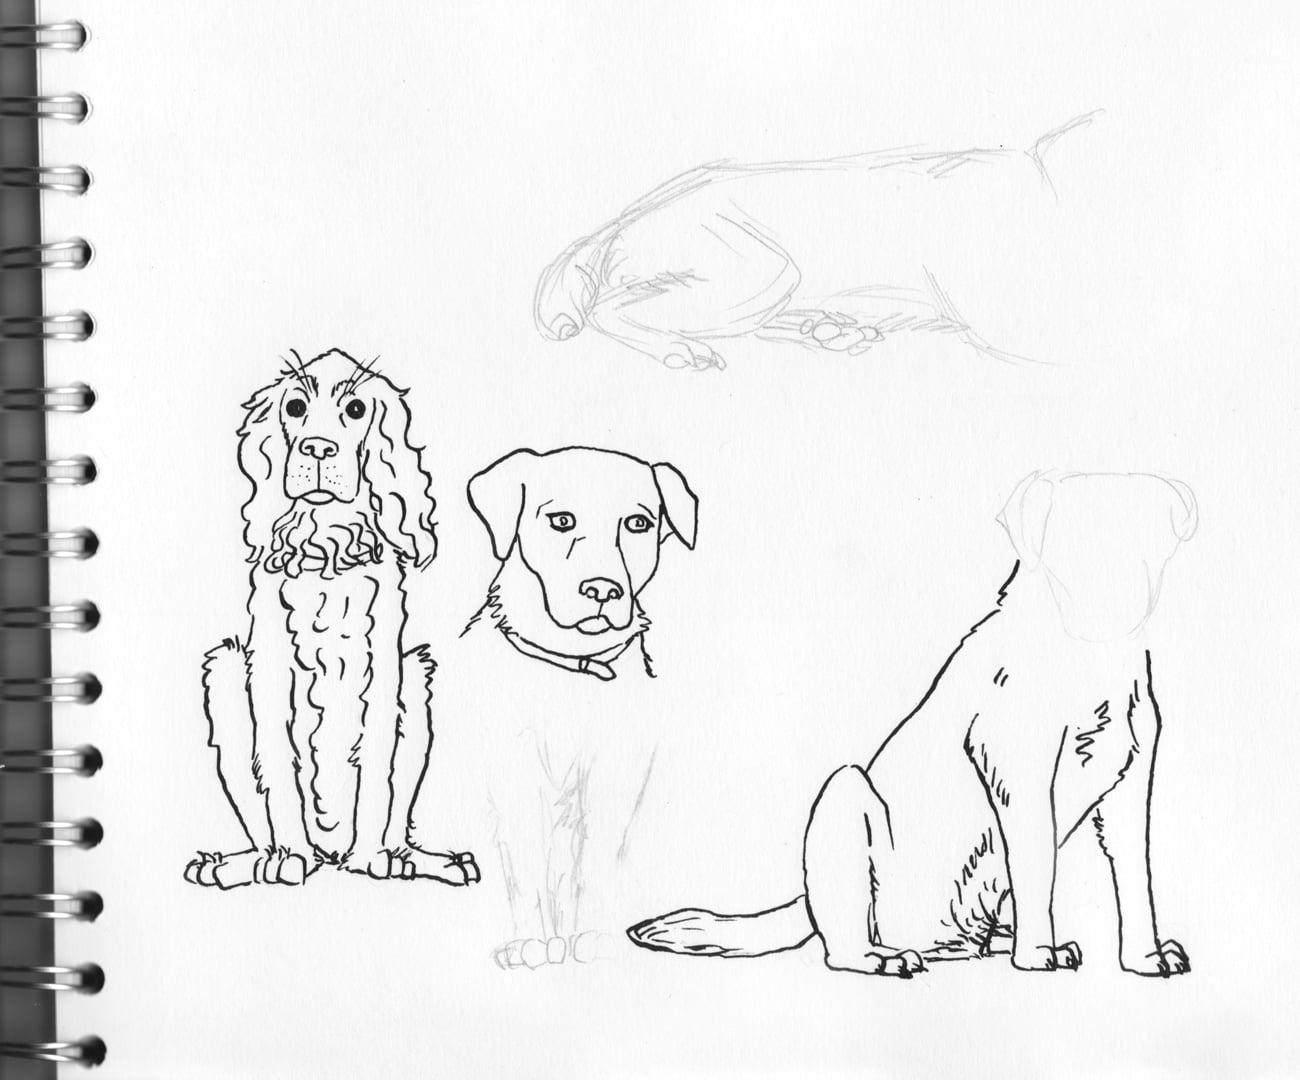 dogs-sketch-sm.jpg